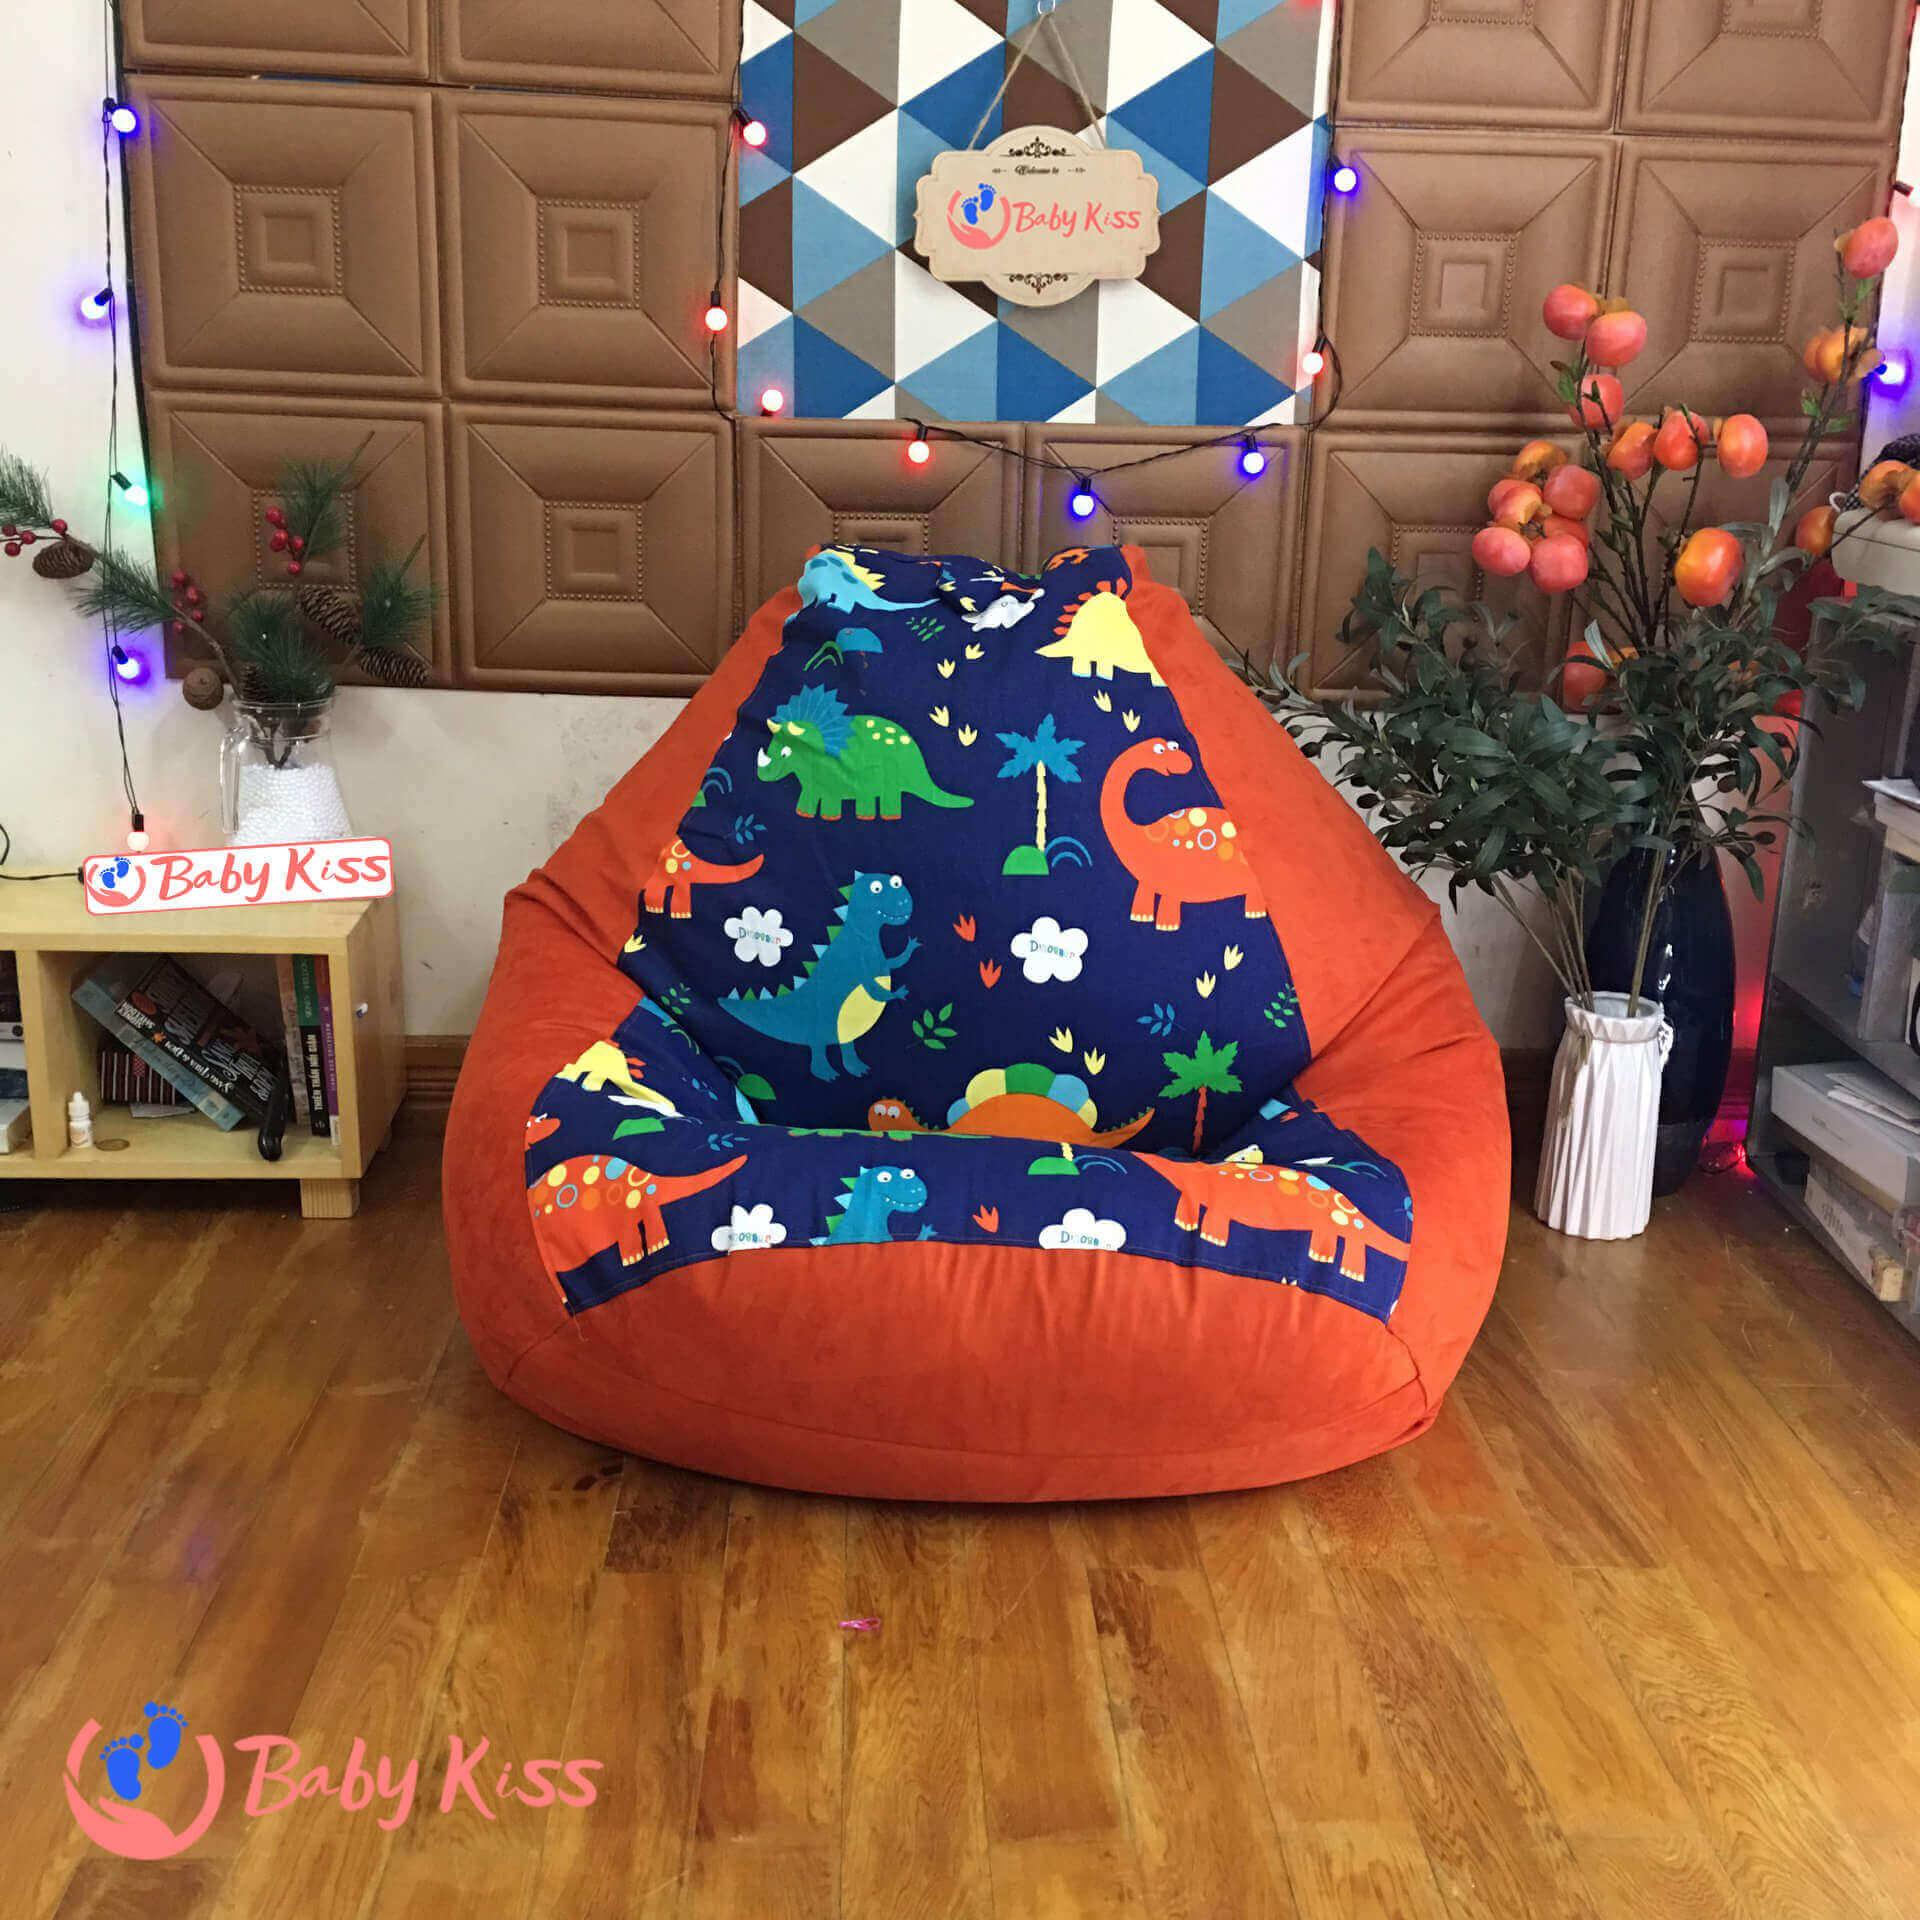 ghế lười hạt xốp cho trường mầm non (nhà trẻ) hình quả lê